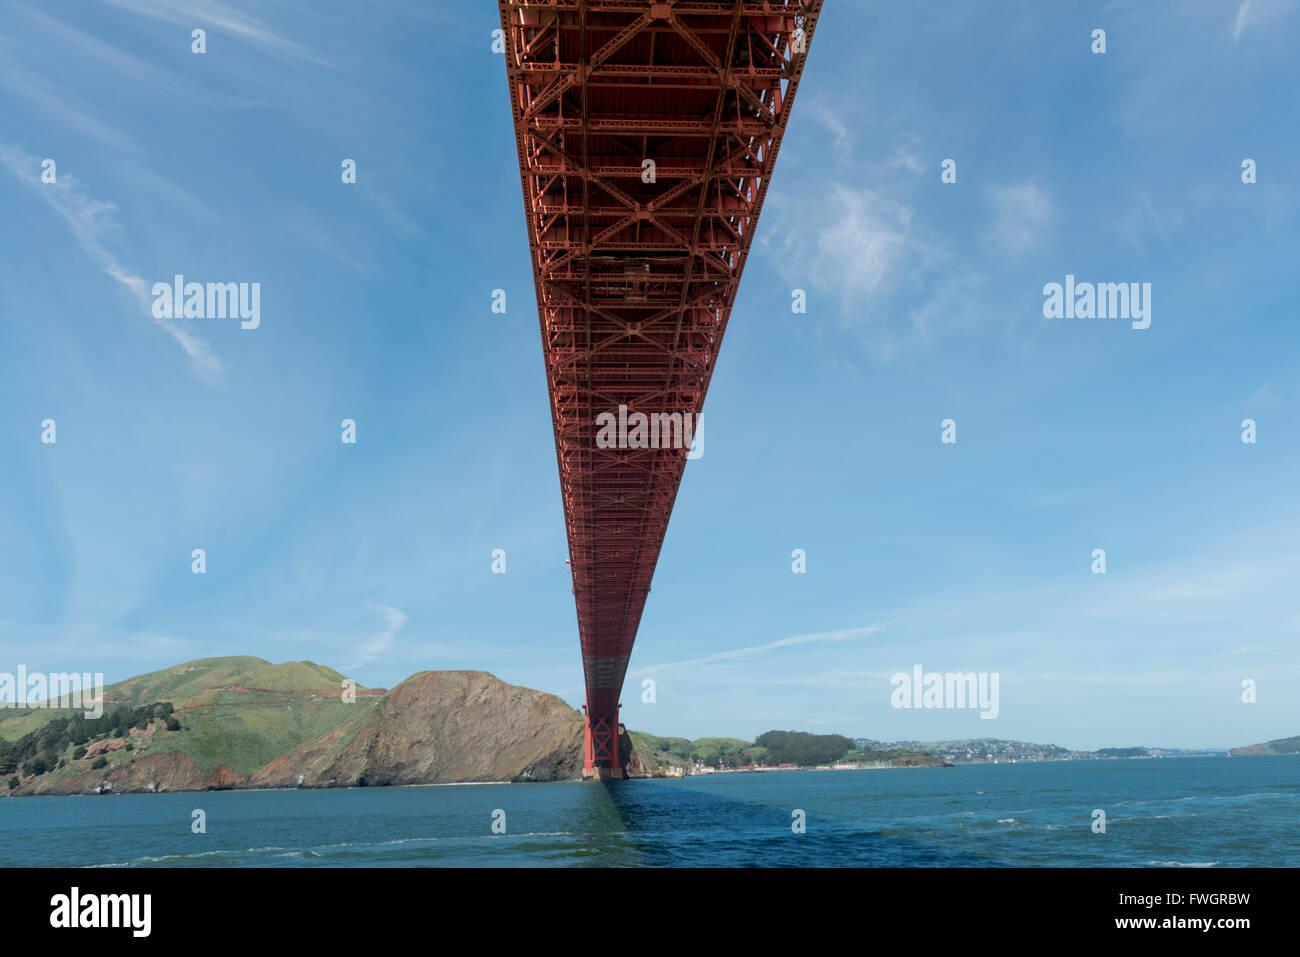 The Golden Gate Bridge, San Francisco Bay, California, USA - Stock Image